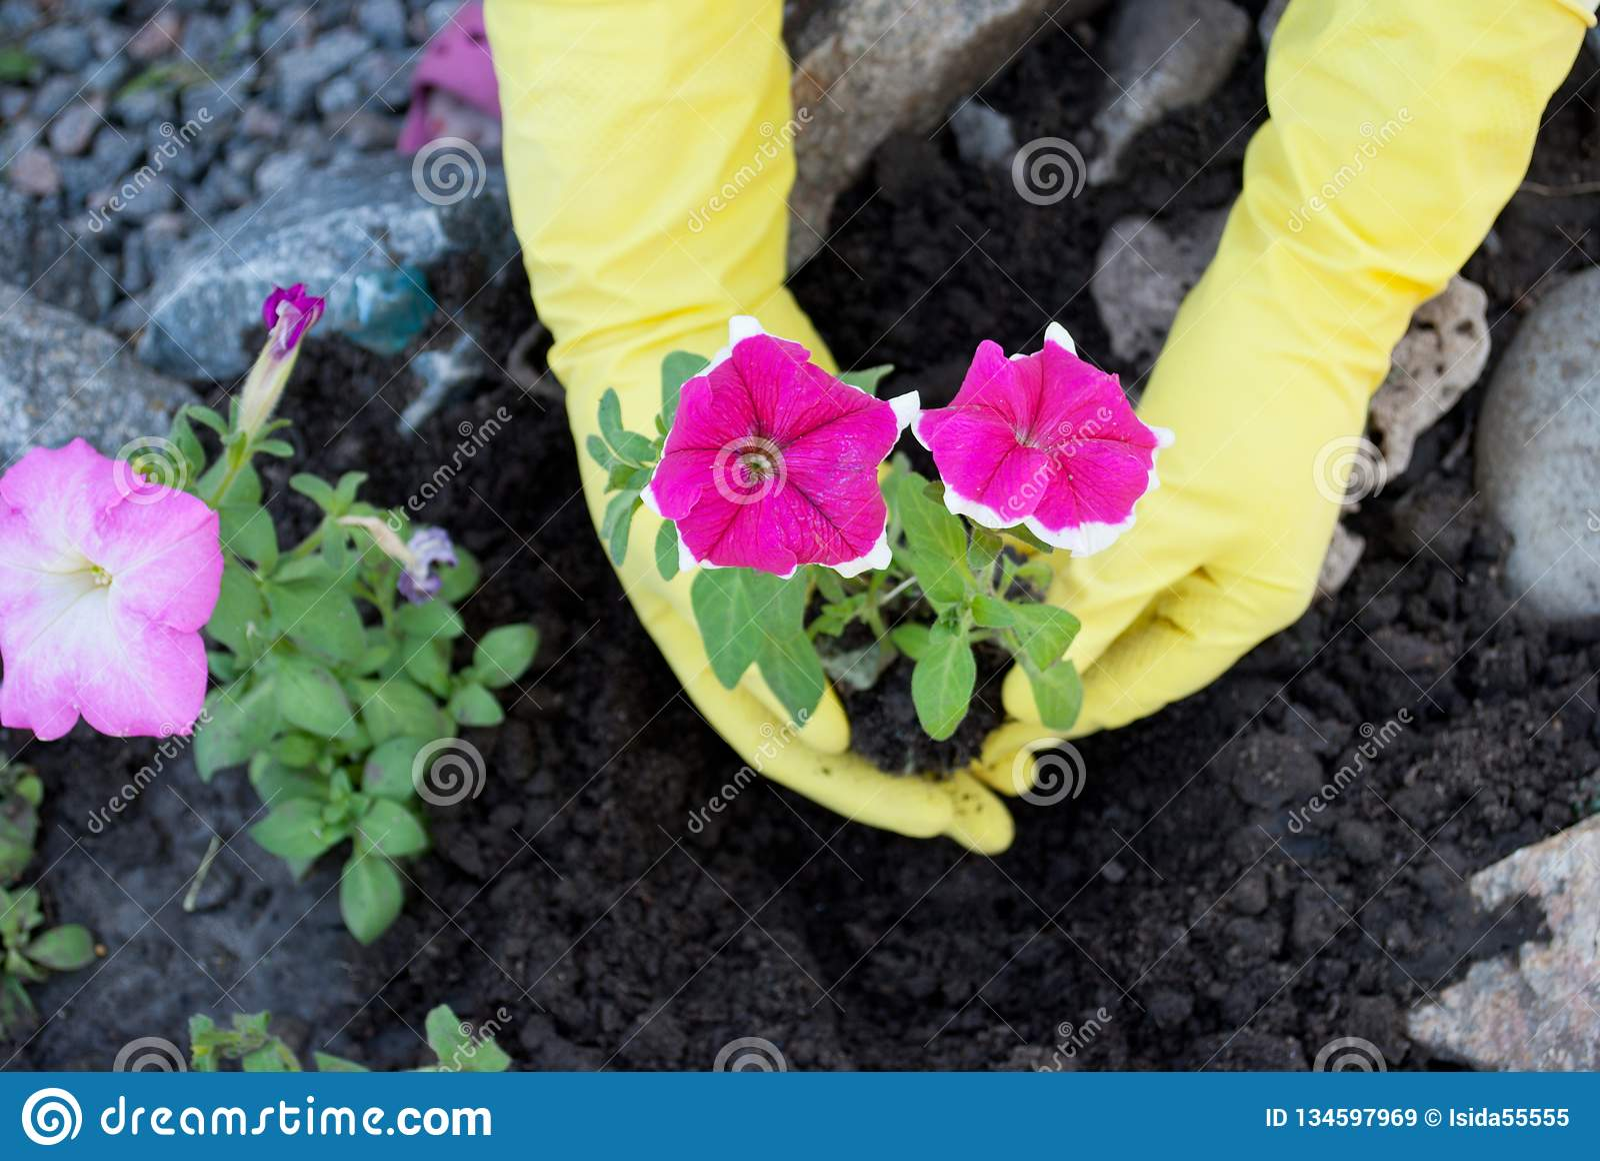 在黄色橡胶手套的手拿着一朵桃红色喇叭花花的树苗,在地面上的春天工作,松开种植